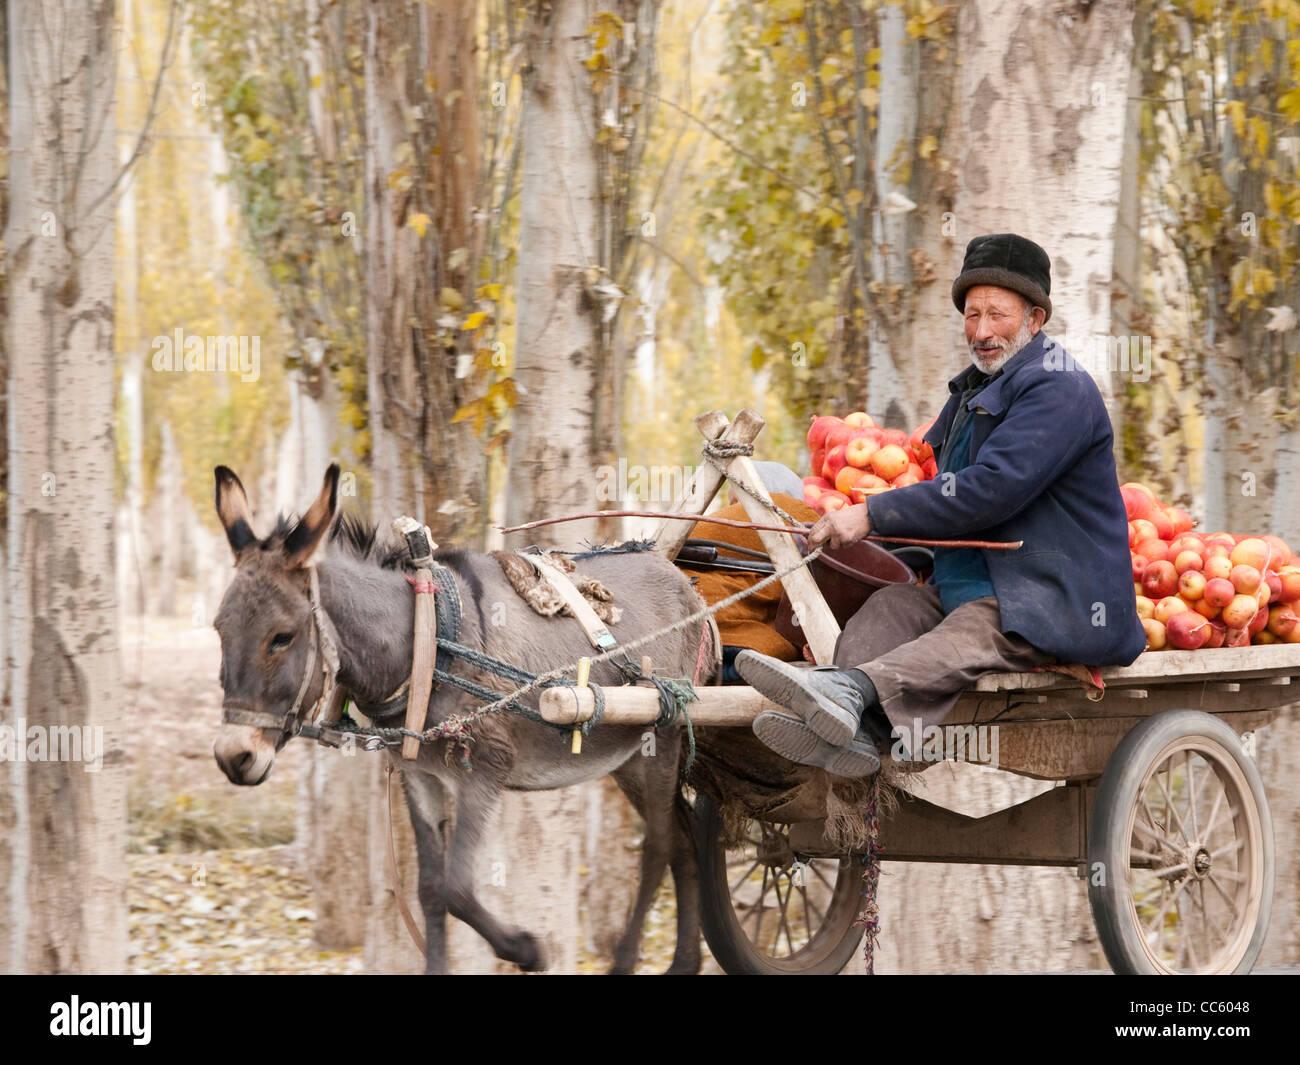 Vendeur de fruits ouïghour au volant d'une charrette à âne, Xinjiang, Chine Photo Stock